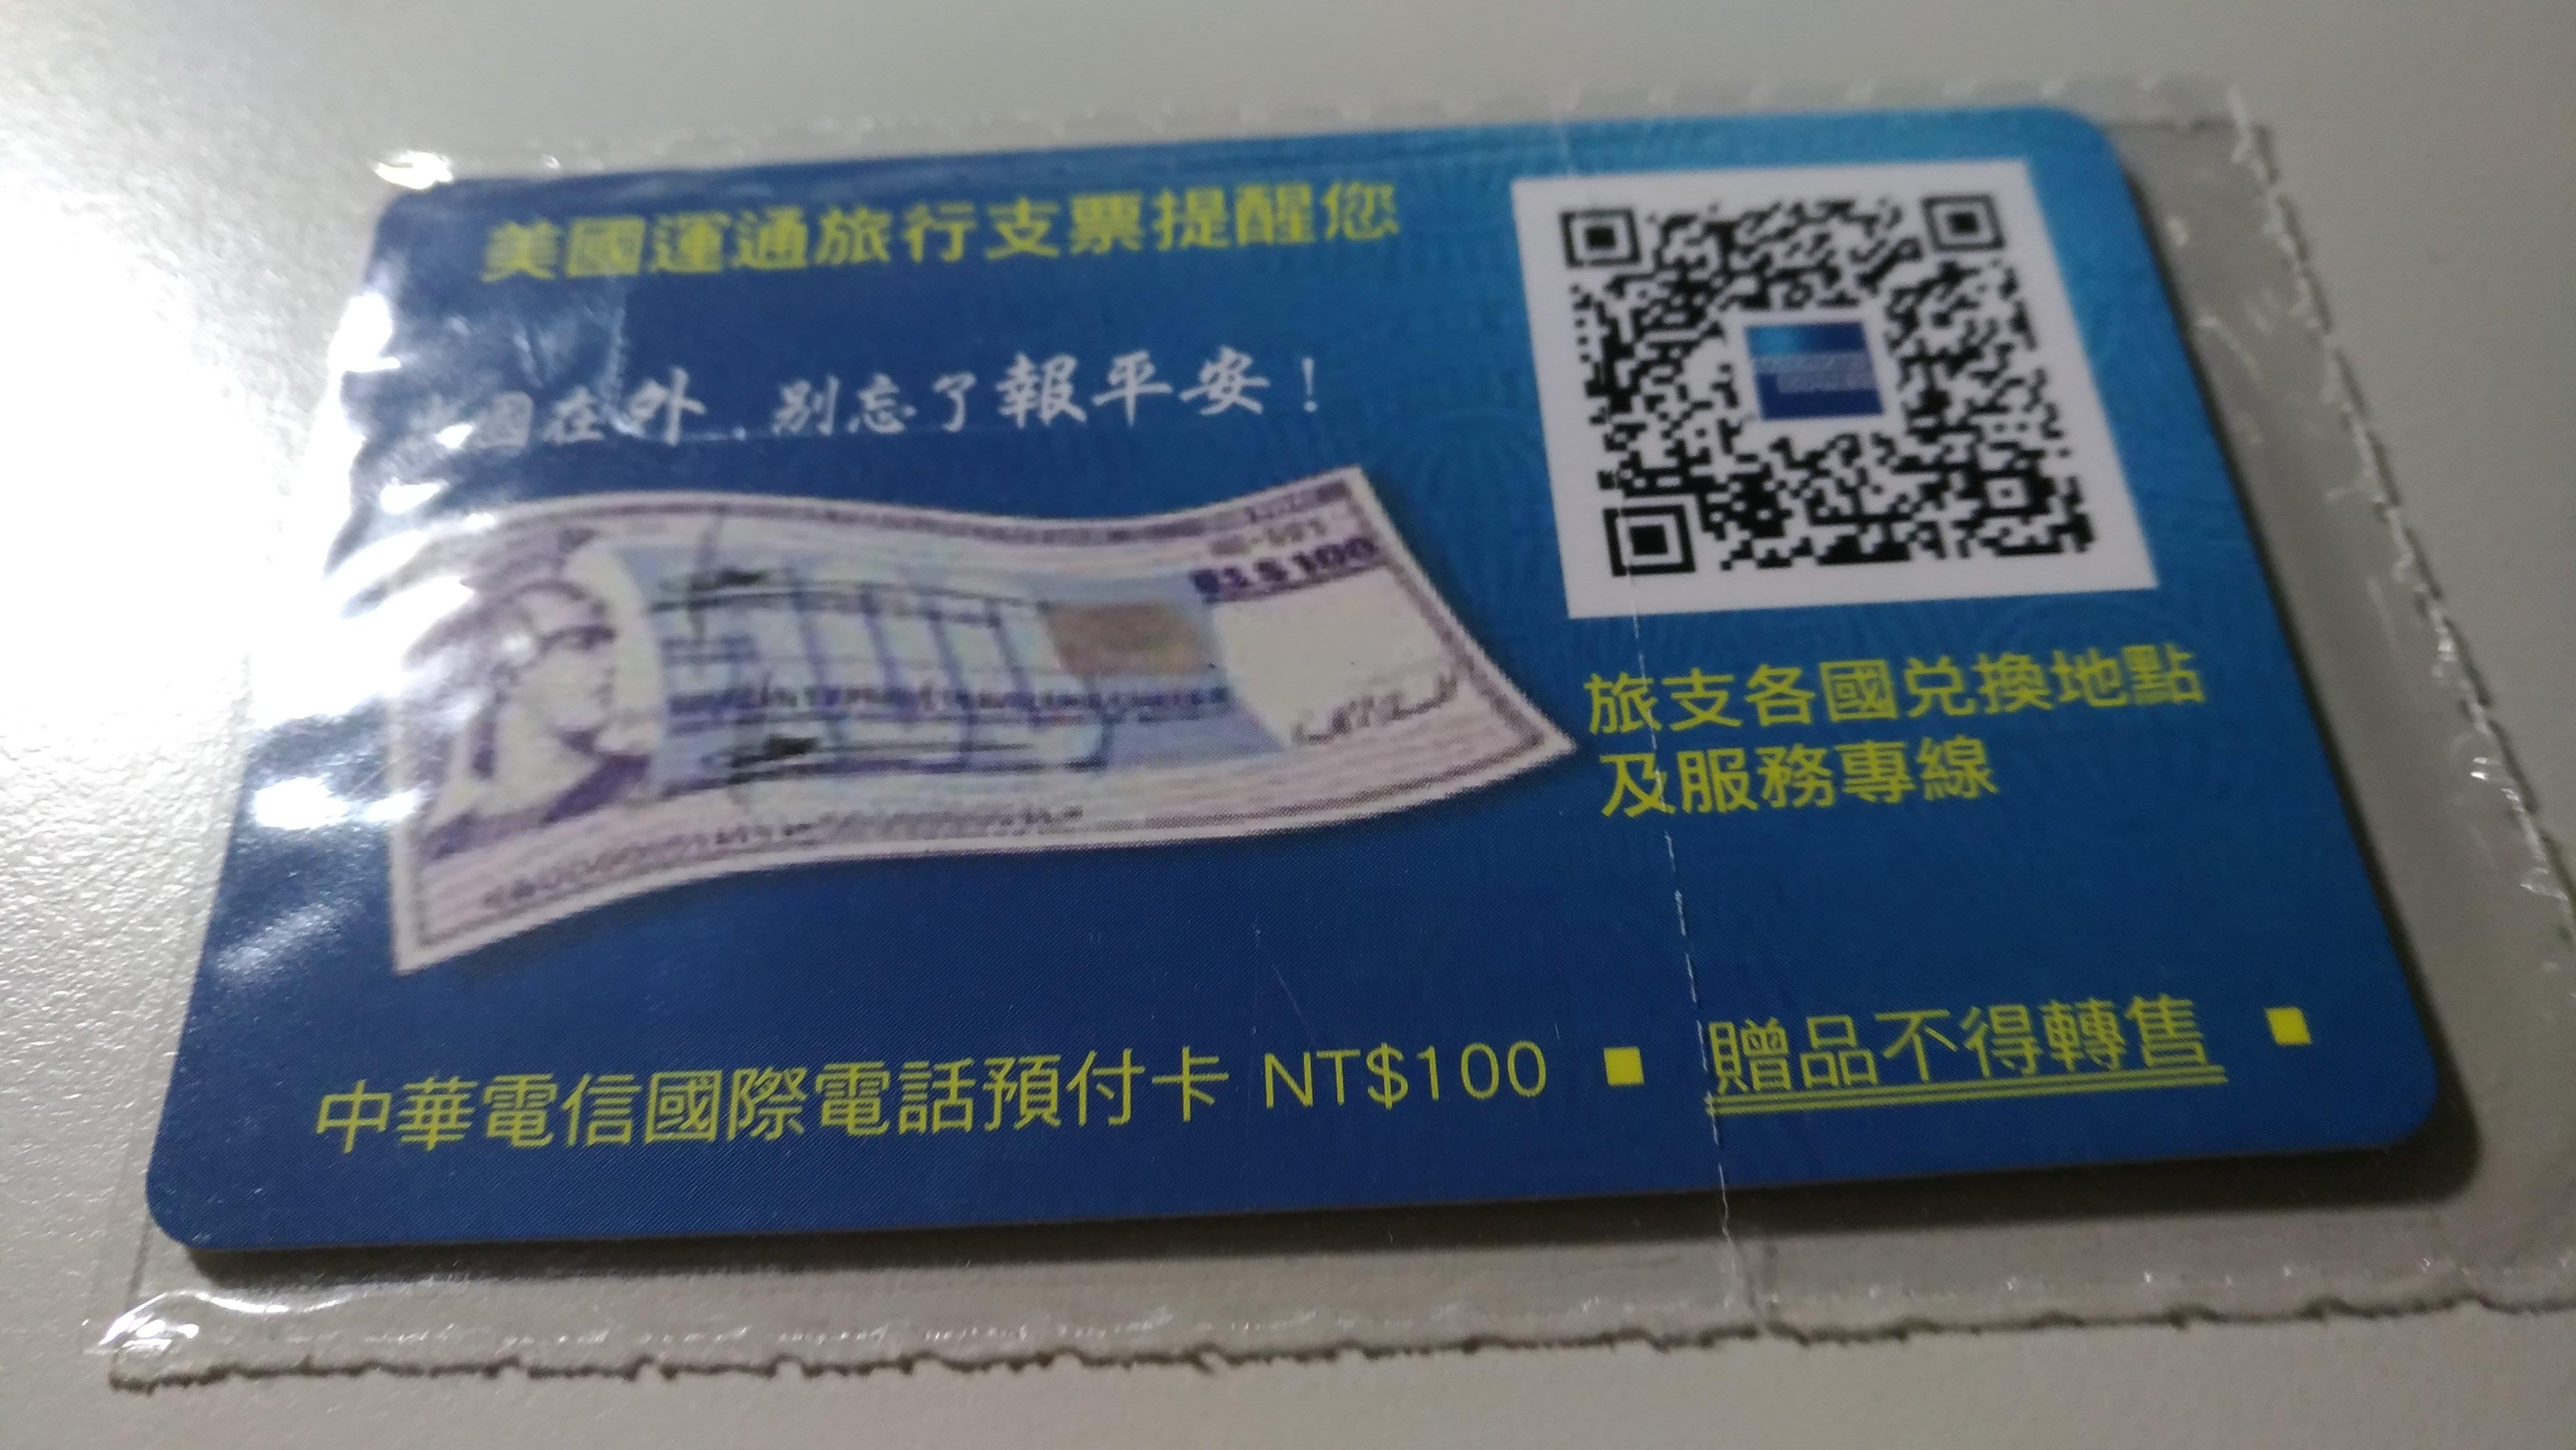 中華電信國際電話預付卡 面額 NT$100